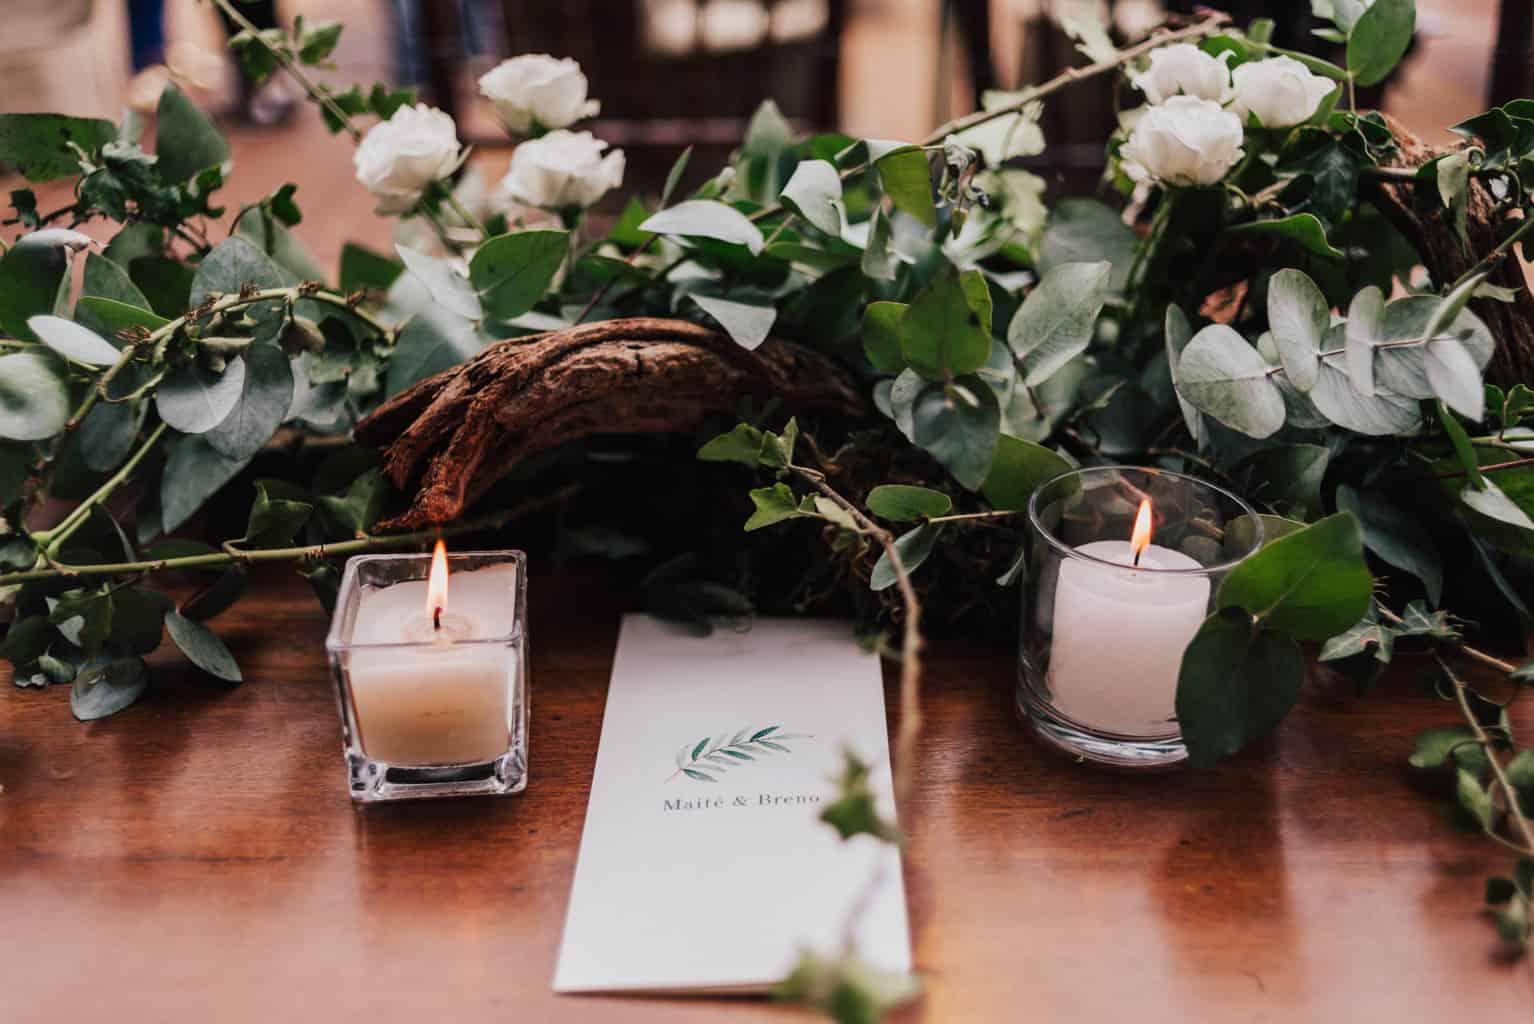 casamento-Maitê-e-Breno-decor-contemporanea-decoracao-branca-com-verde-Fotografia-Mana-Gollo-Hotel-Timbó-Park-mesa-dos-convidados14